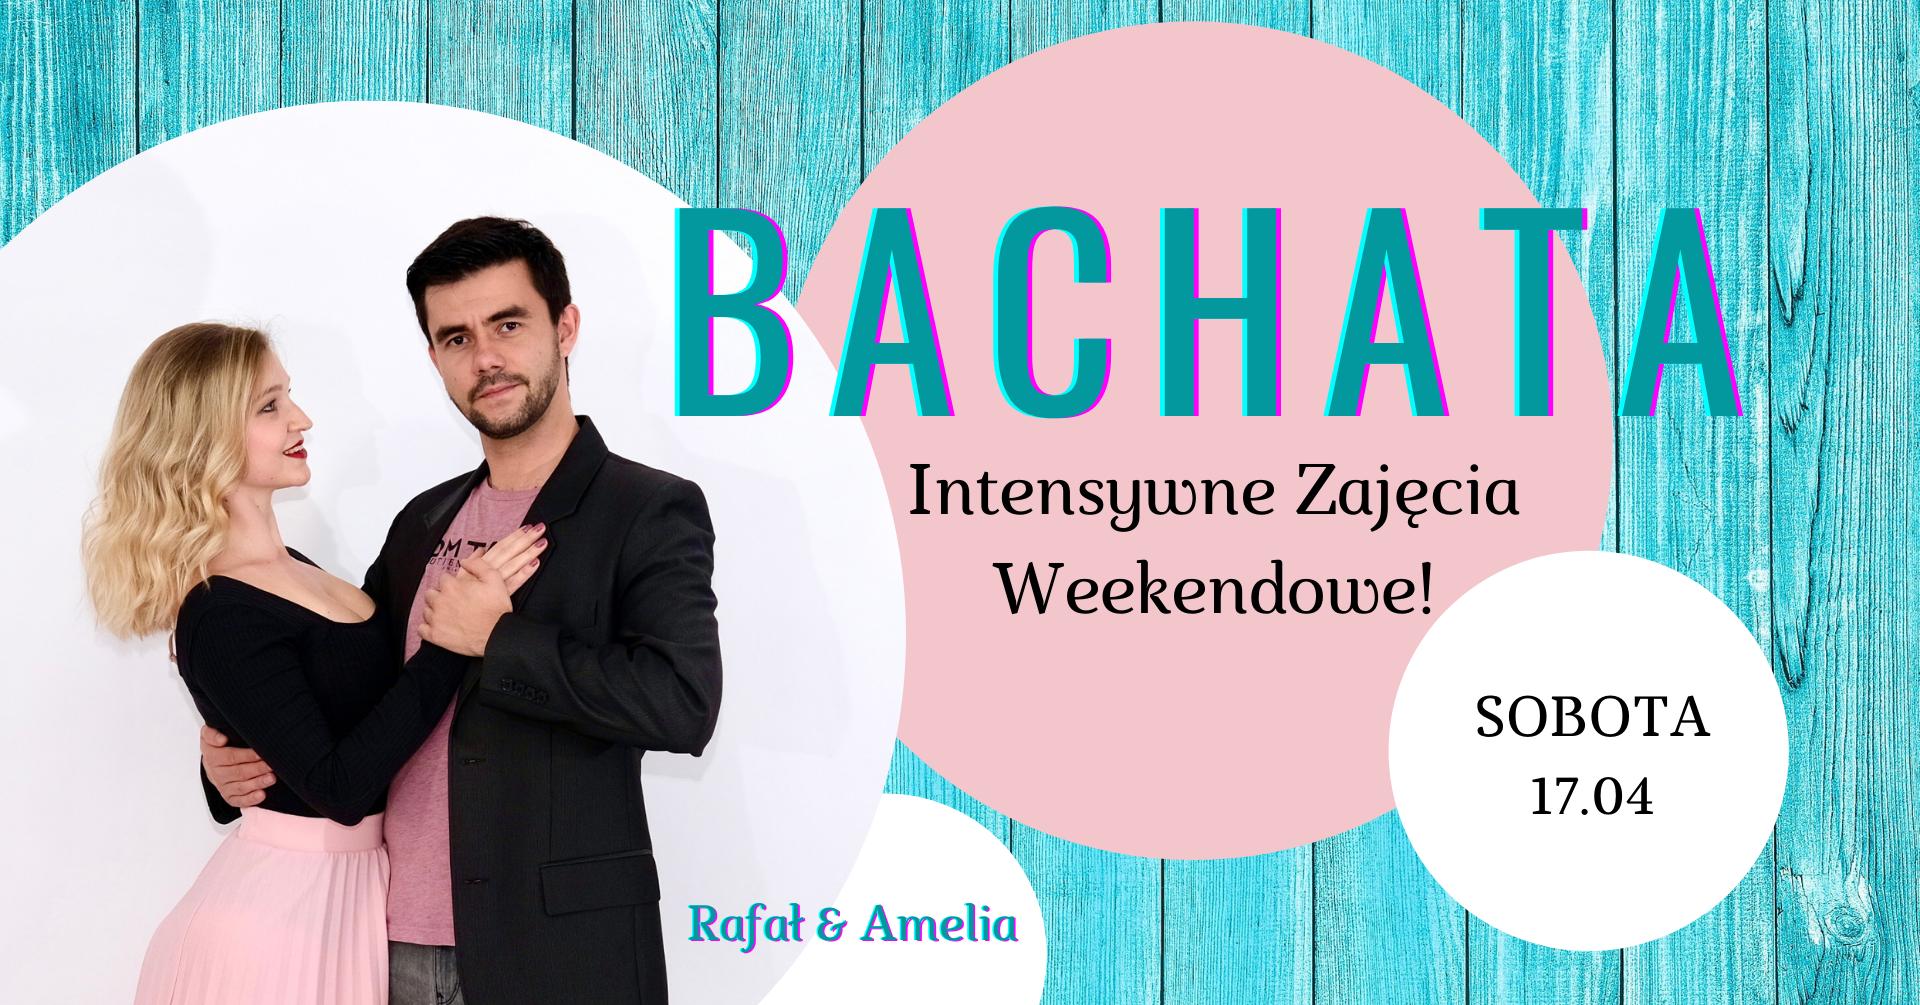 bachata-intensywne-zajecia-weekendowe-szkola-tanca-lodz